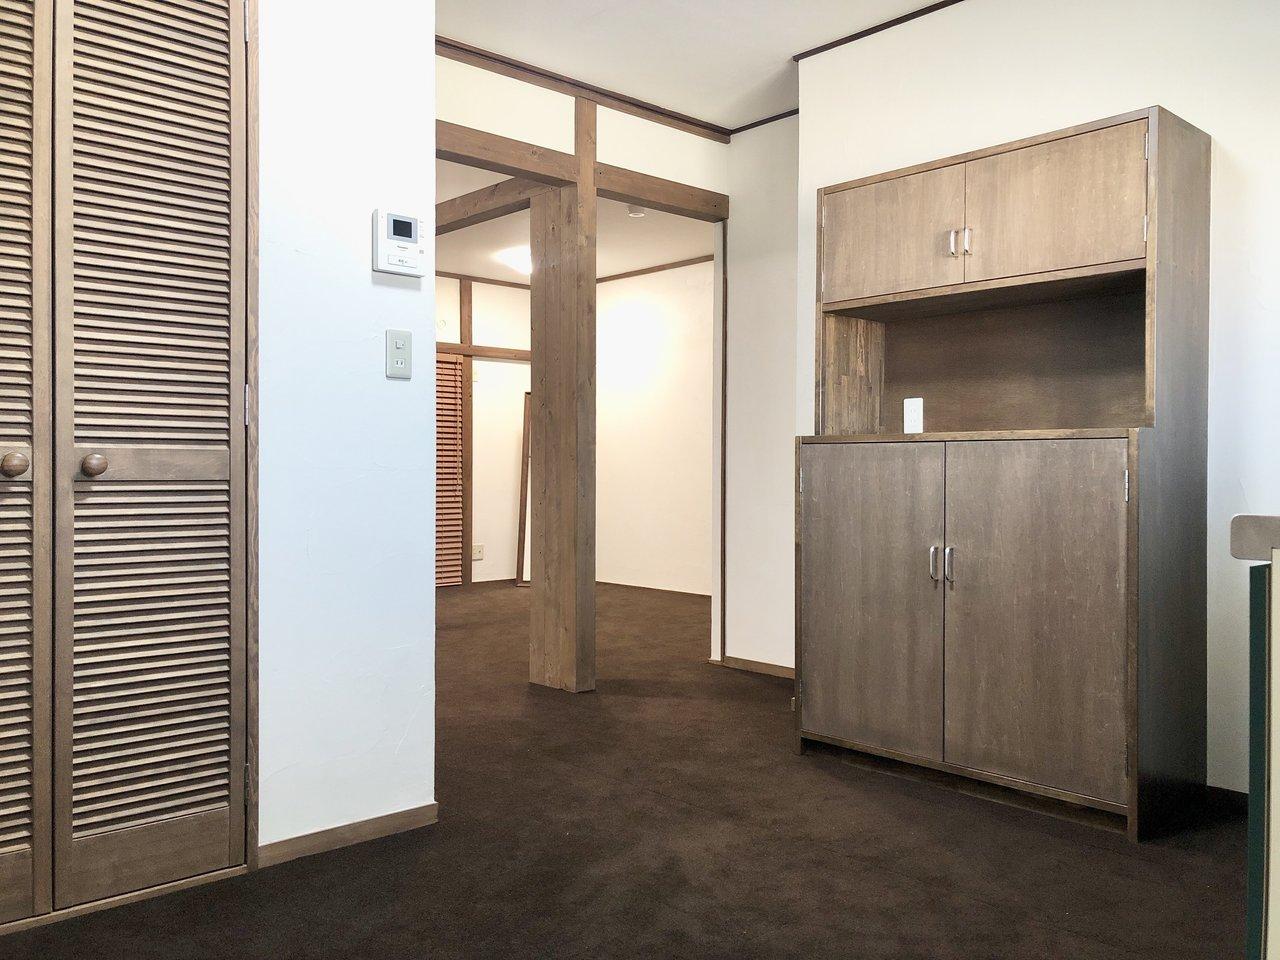 最後は、部屋の真ん中には柱があったりと、ちょっと一癖あるんだけれども、妙に気になるお部屋の紹介です。